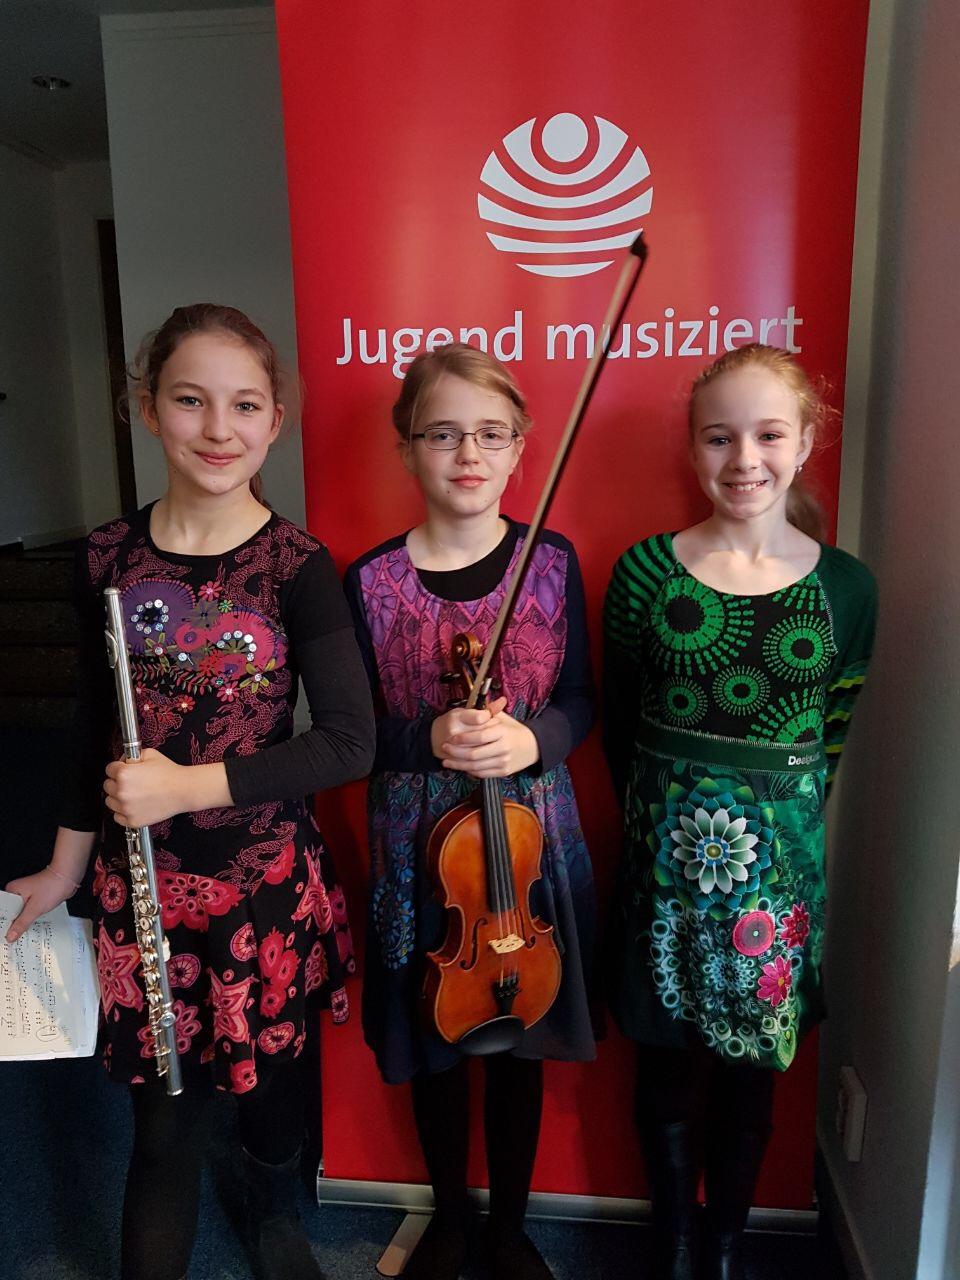 1. Preis bei Jugend musiziert-Wettbewerb 2019